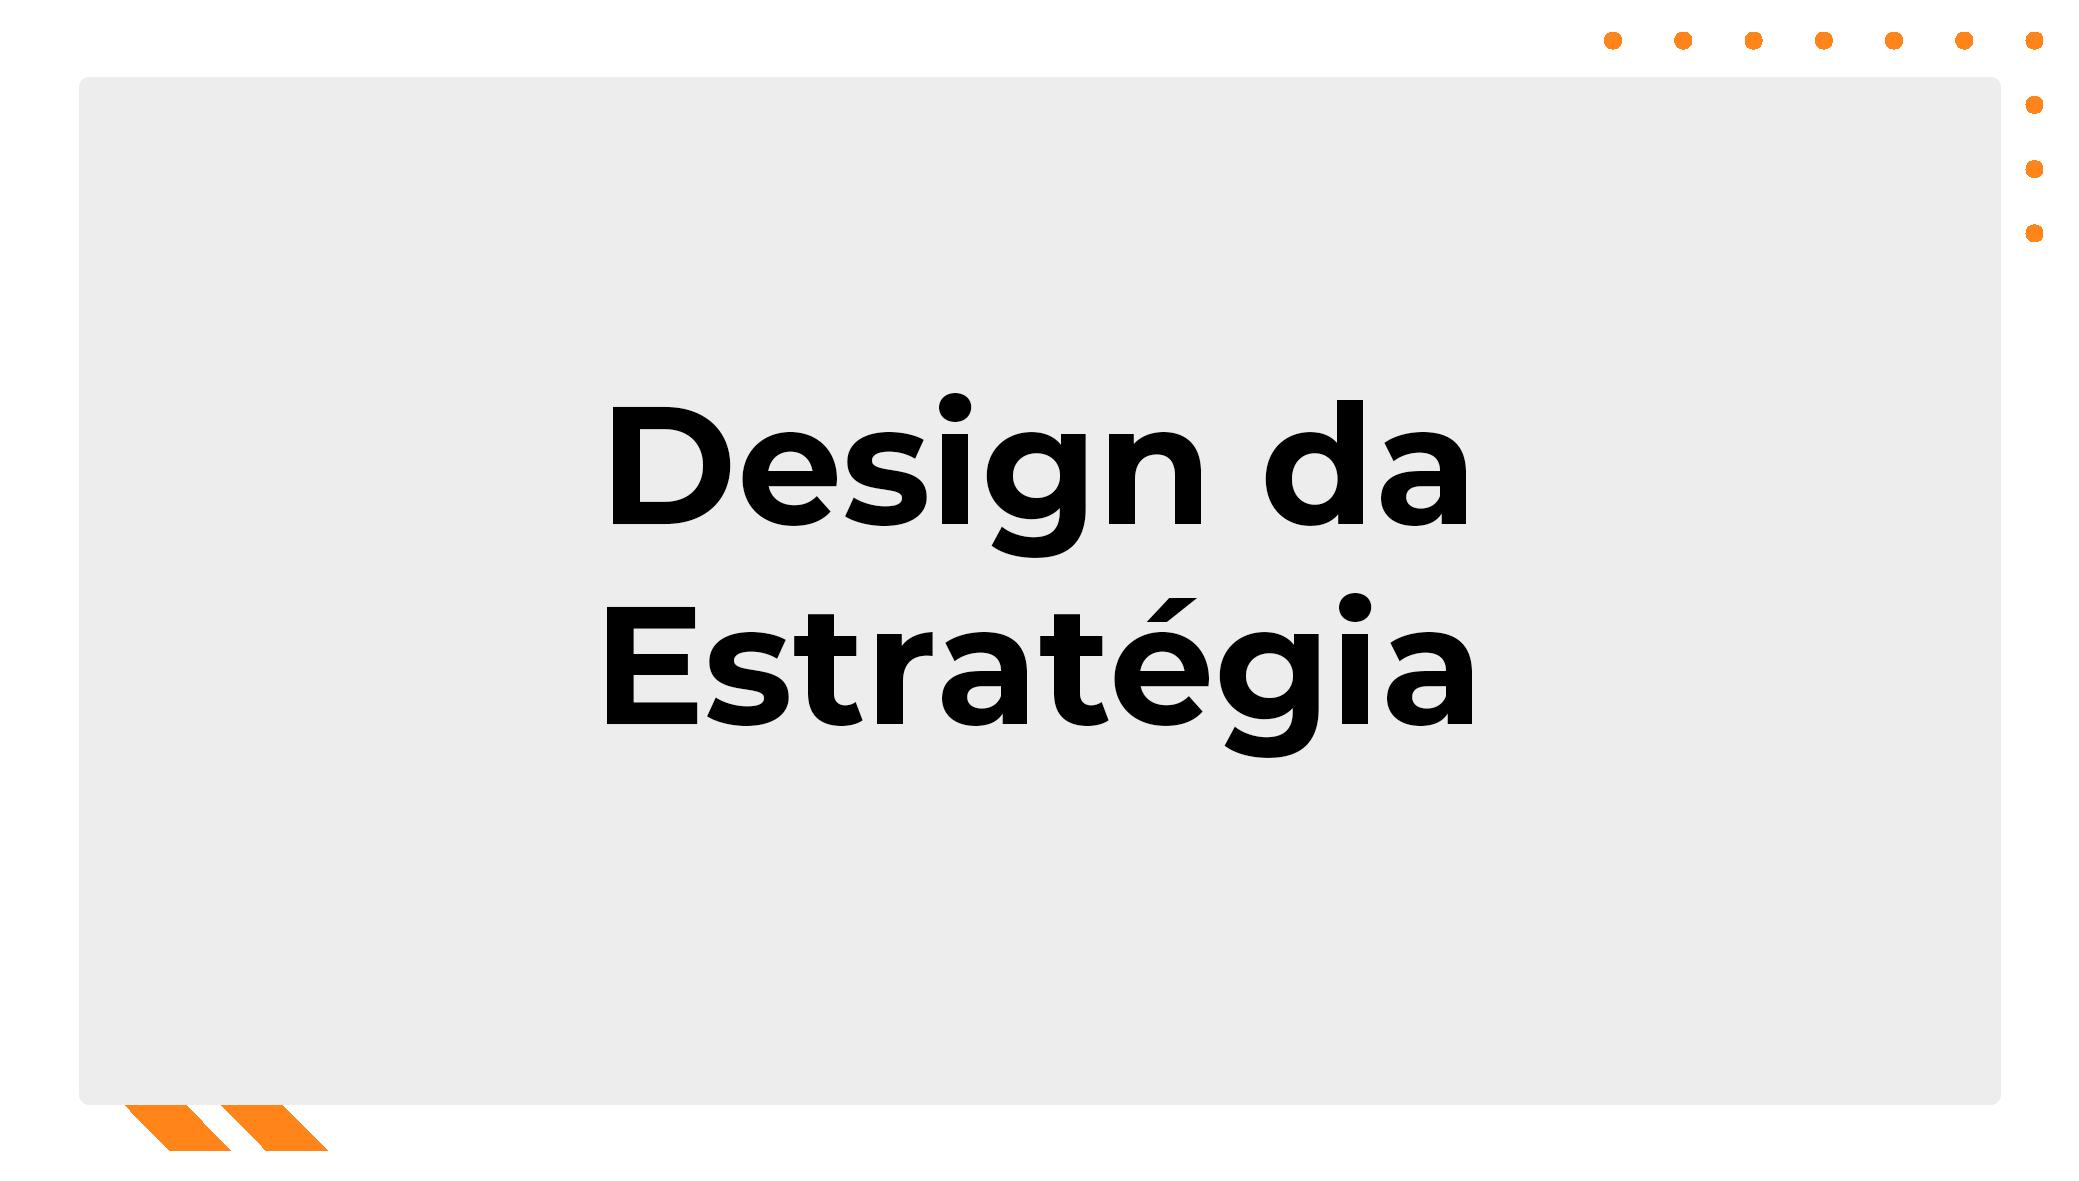 Design da Estratégia